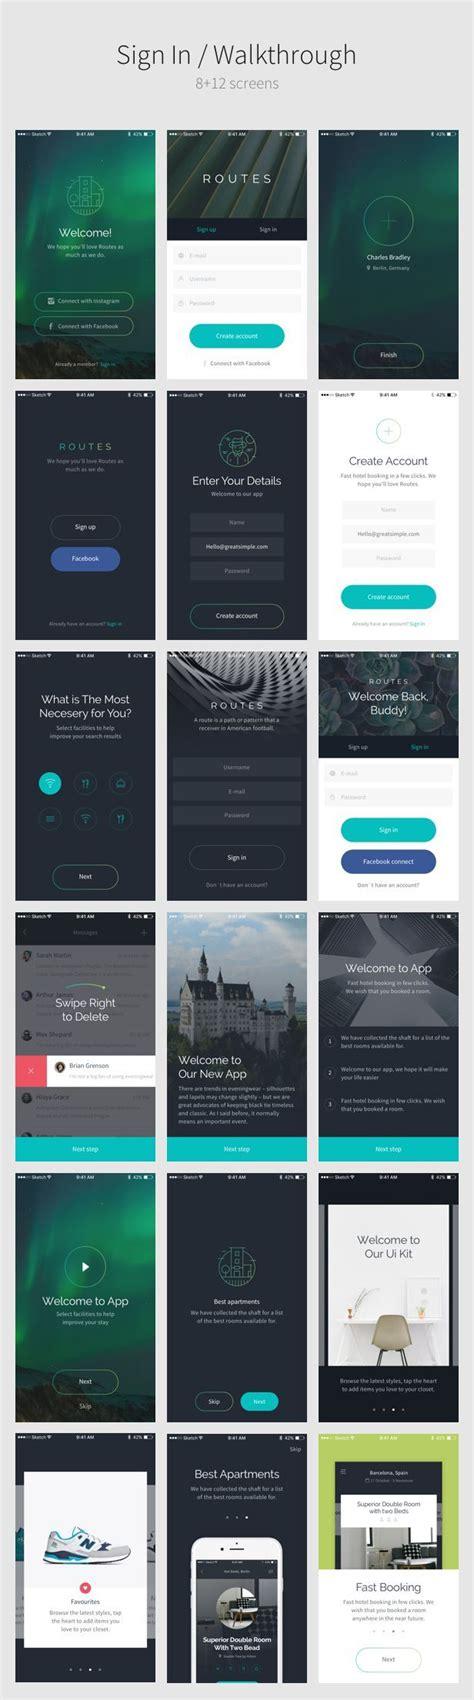 ios app design kit 25 best ideas about ios app design on pinterest ios app